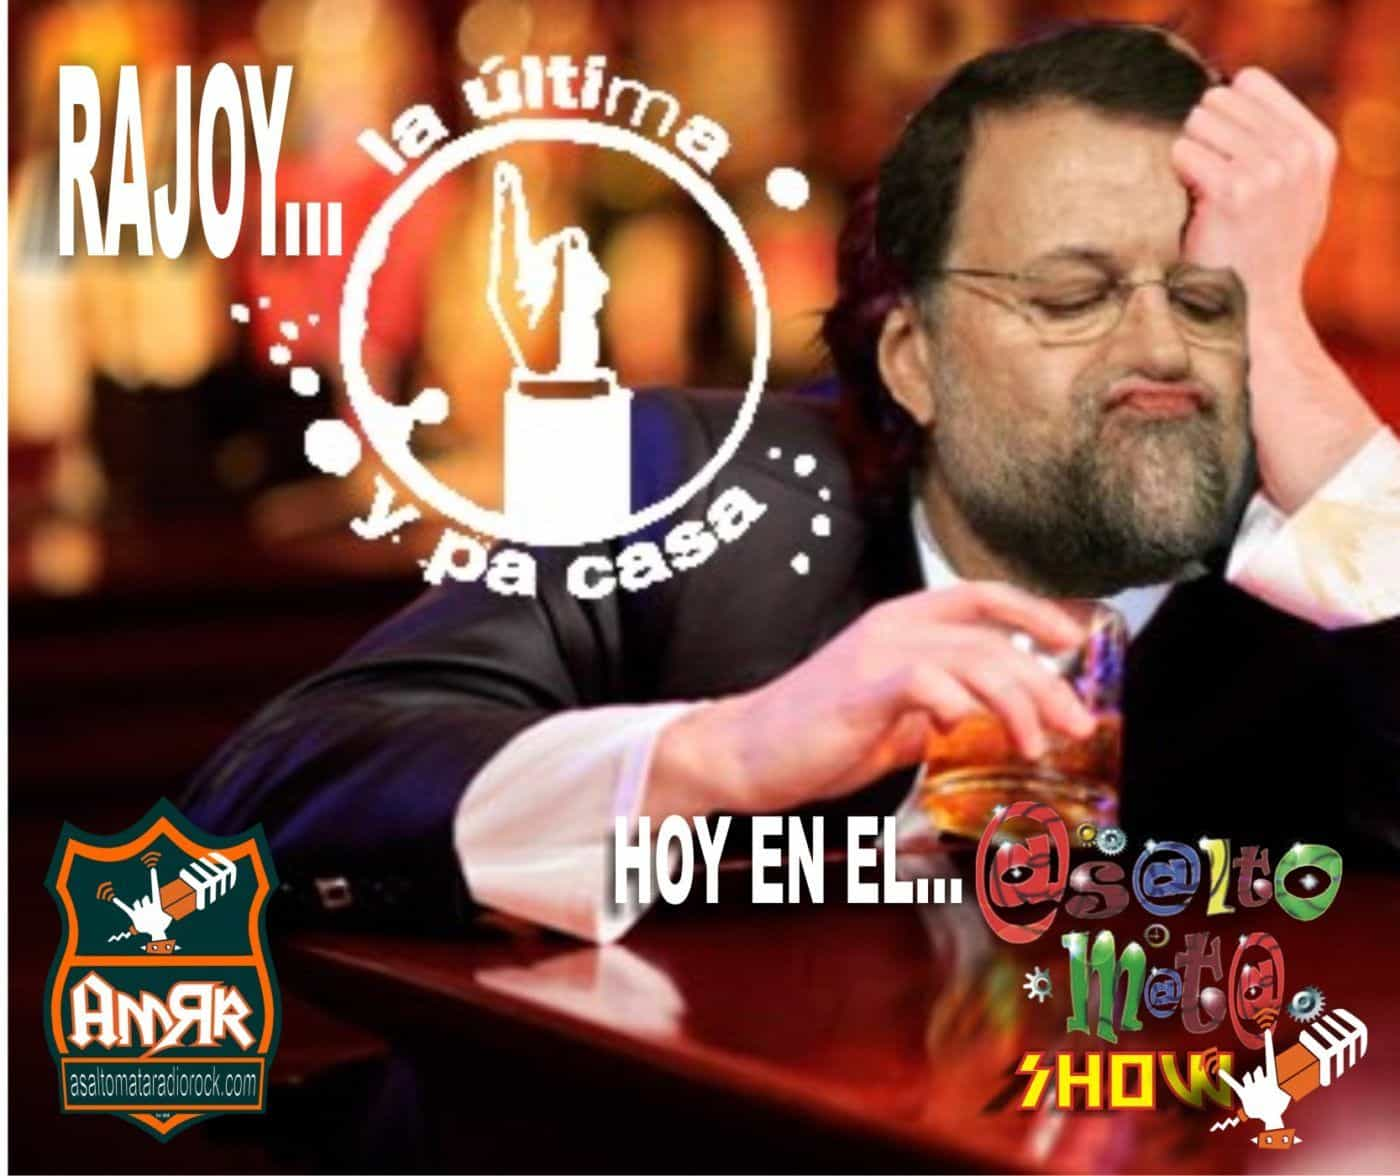 Rajoy cesado